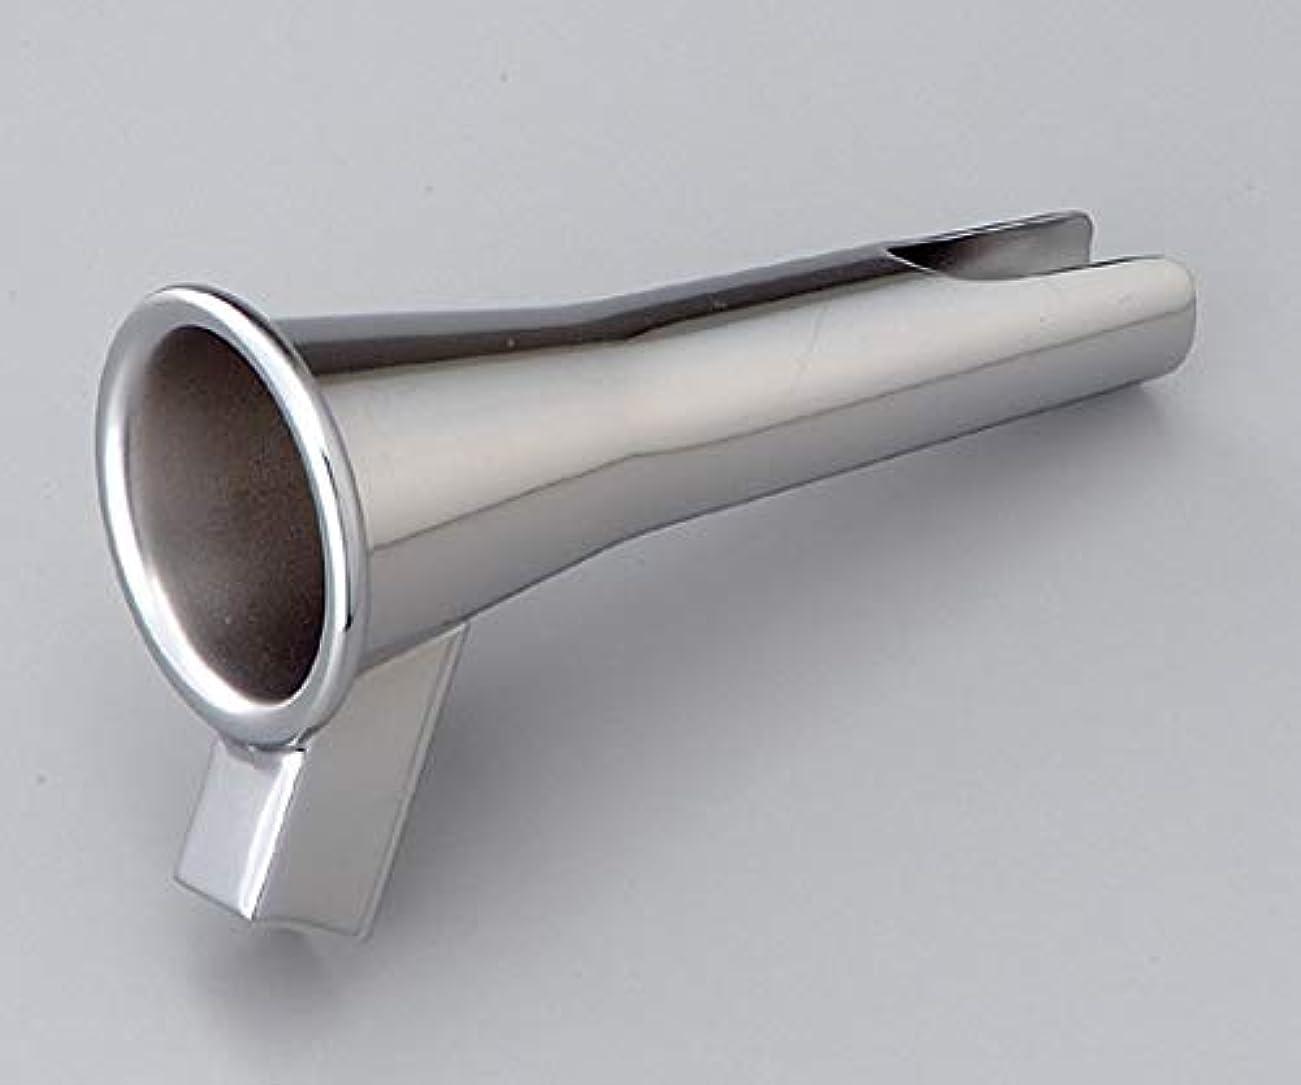 起点管理しますフェンスオペレーティング型肛門鏡 38614